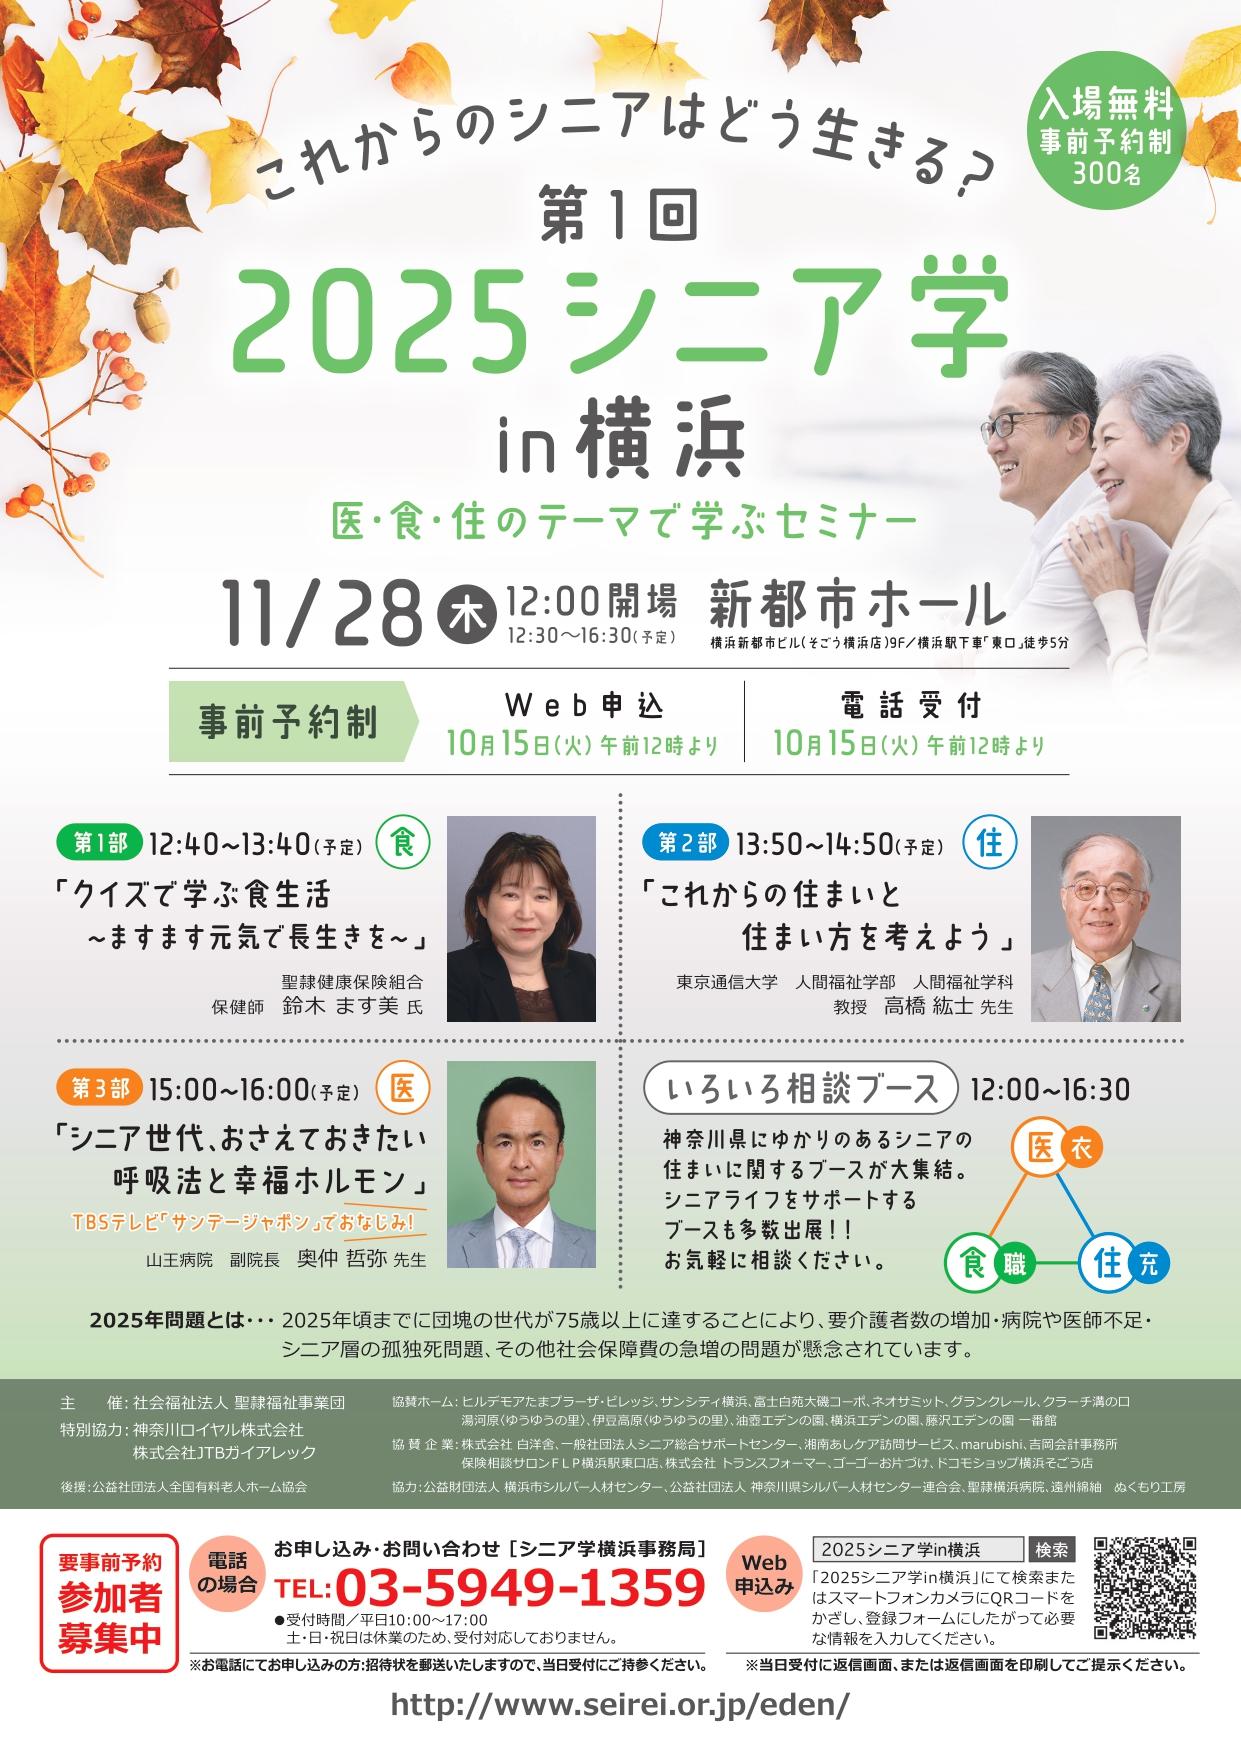 「第1回2025シニア学in横浜」に出展します。